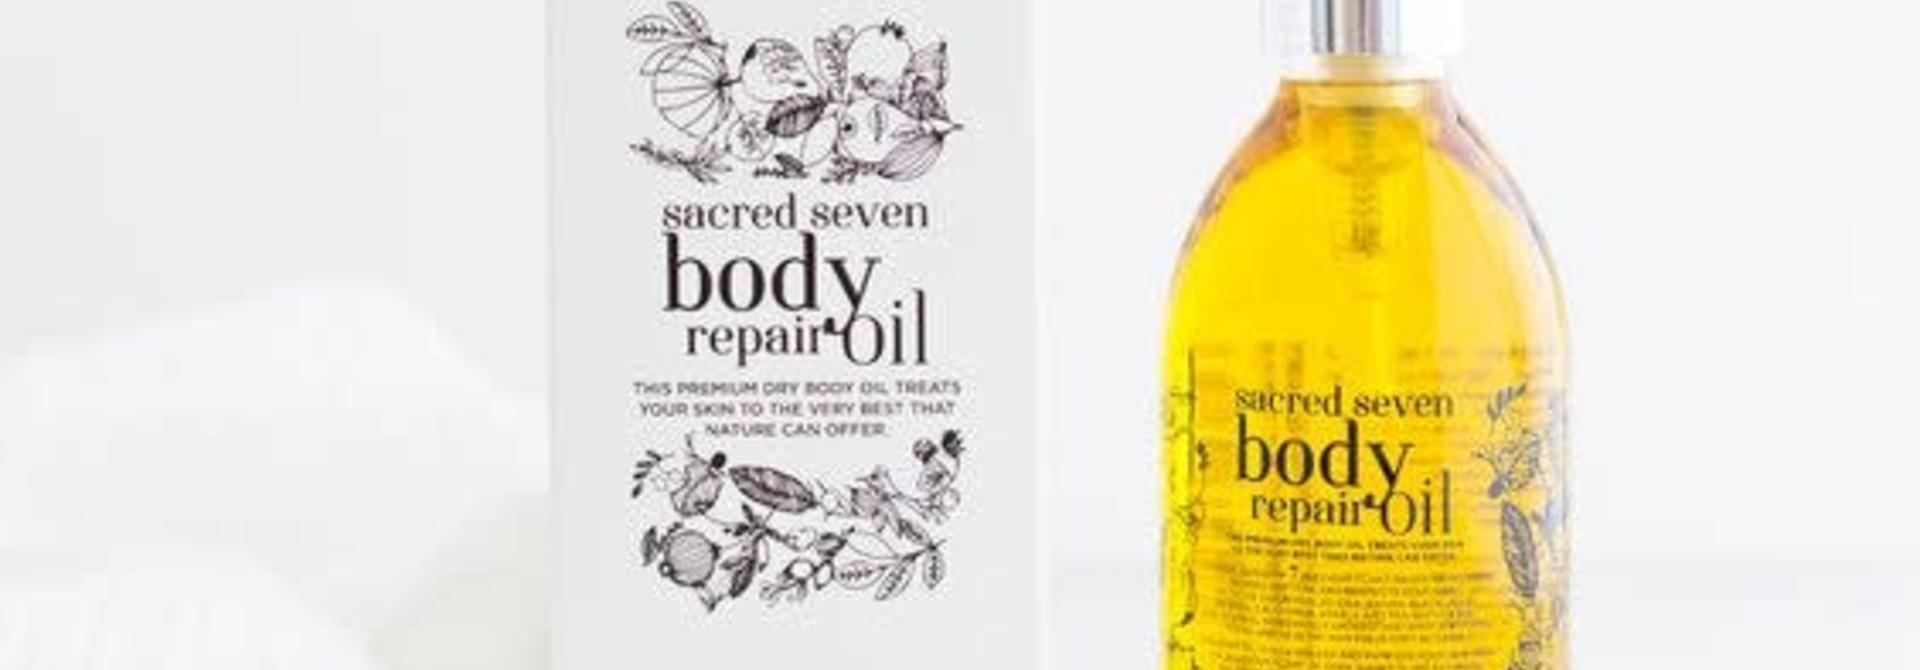 Sacred Seven Body Repair Oil 200 ml pet